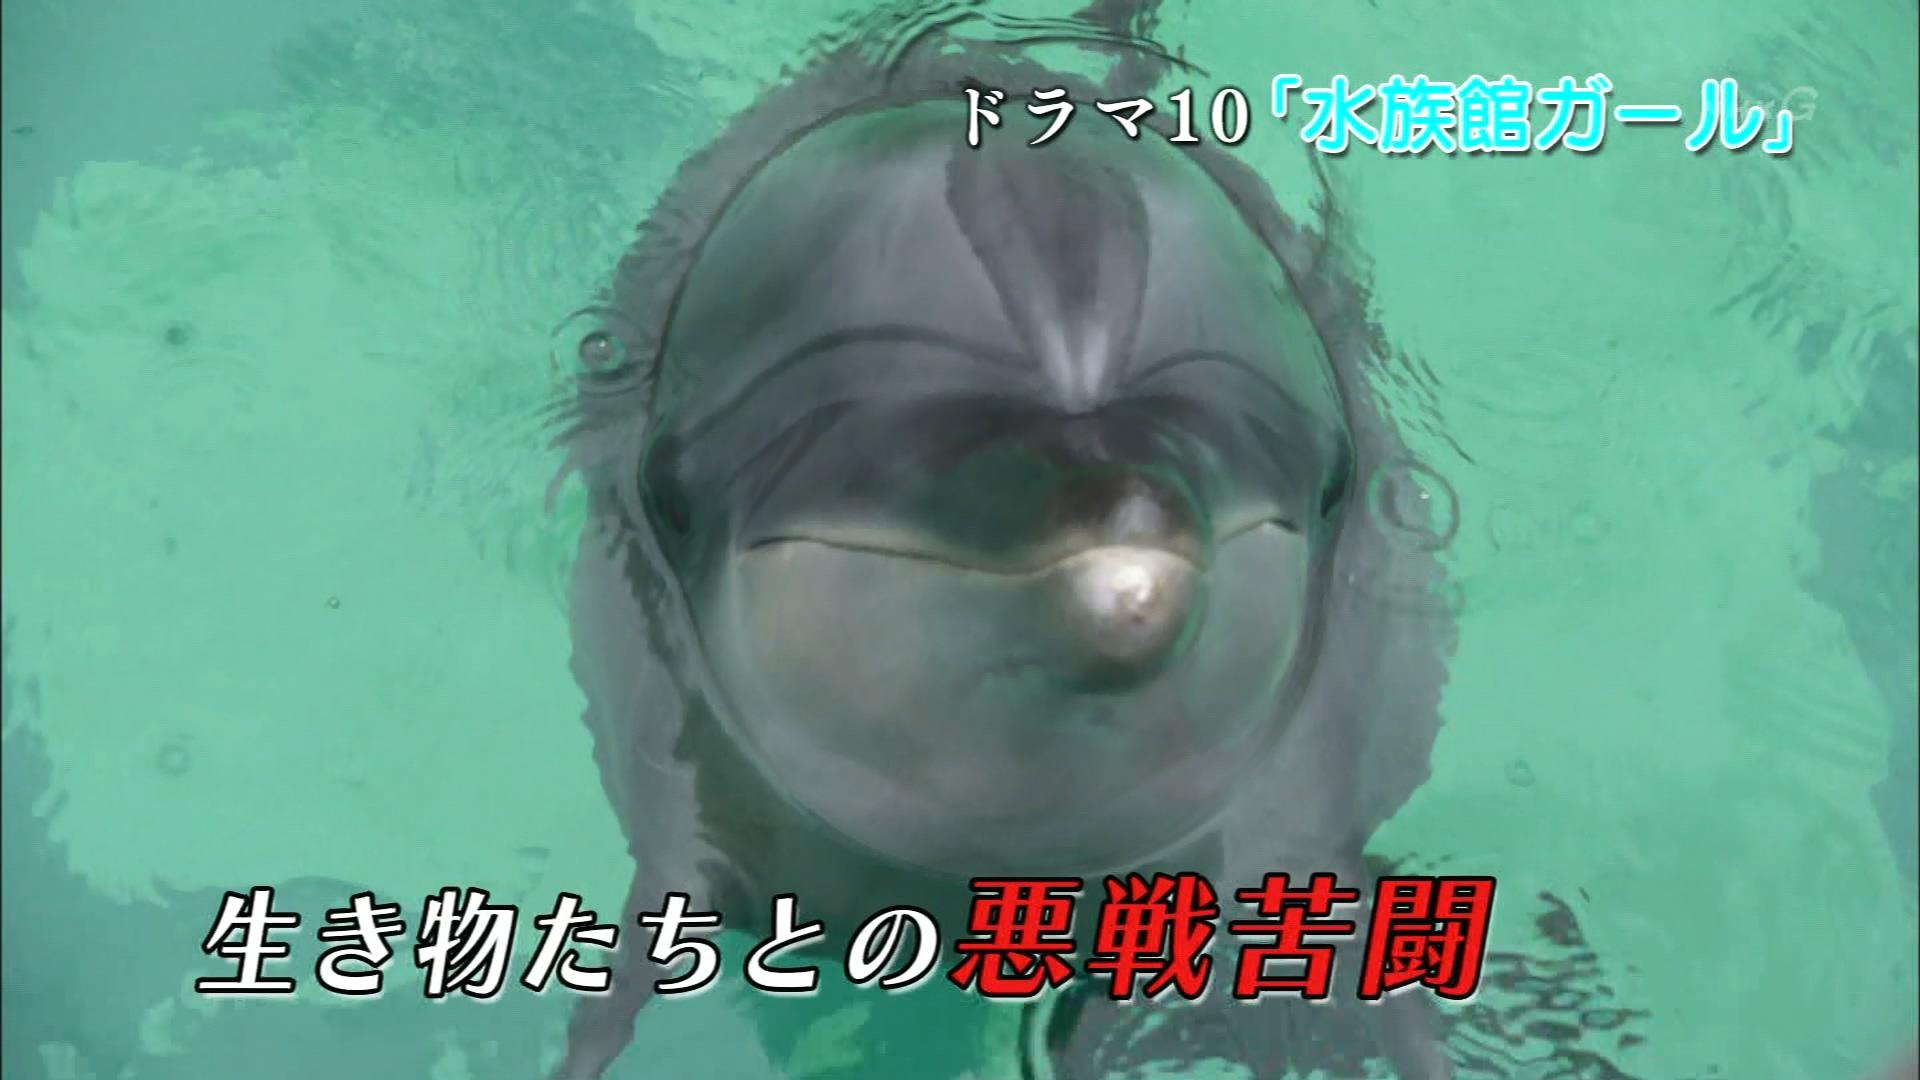 2016.06.17~ 「水族館ガール」IN - いきものがかり - ラストシーン(NHK).ts_20160617_220747.269